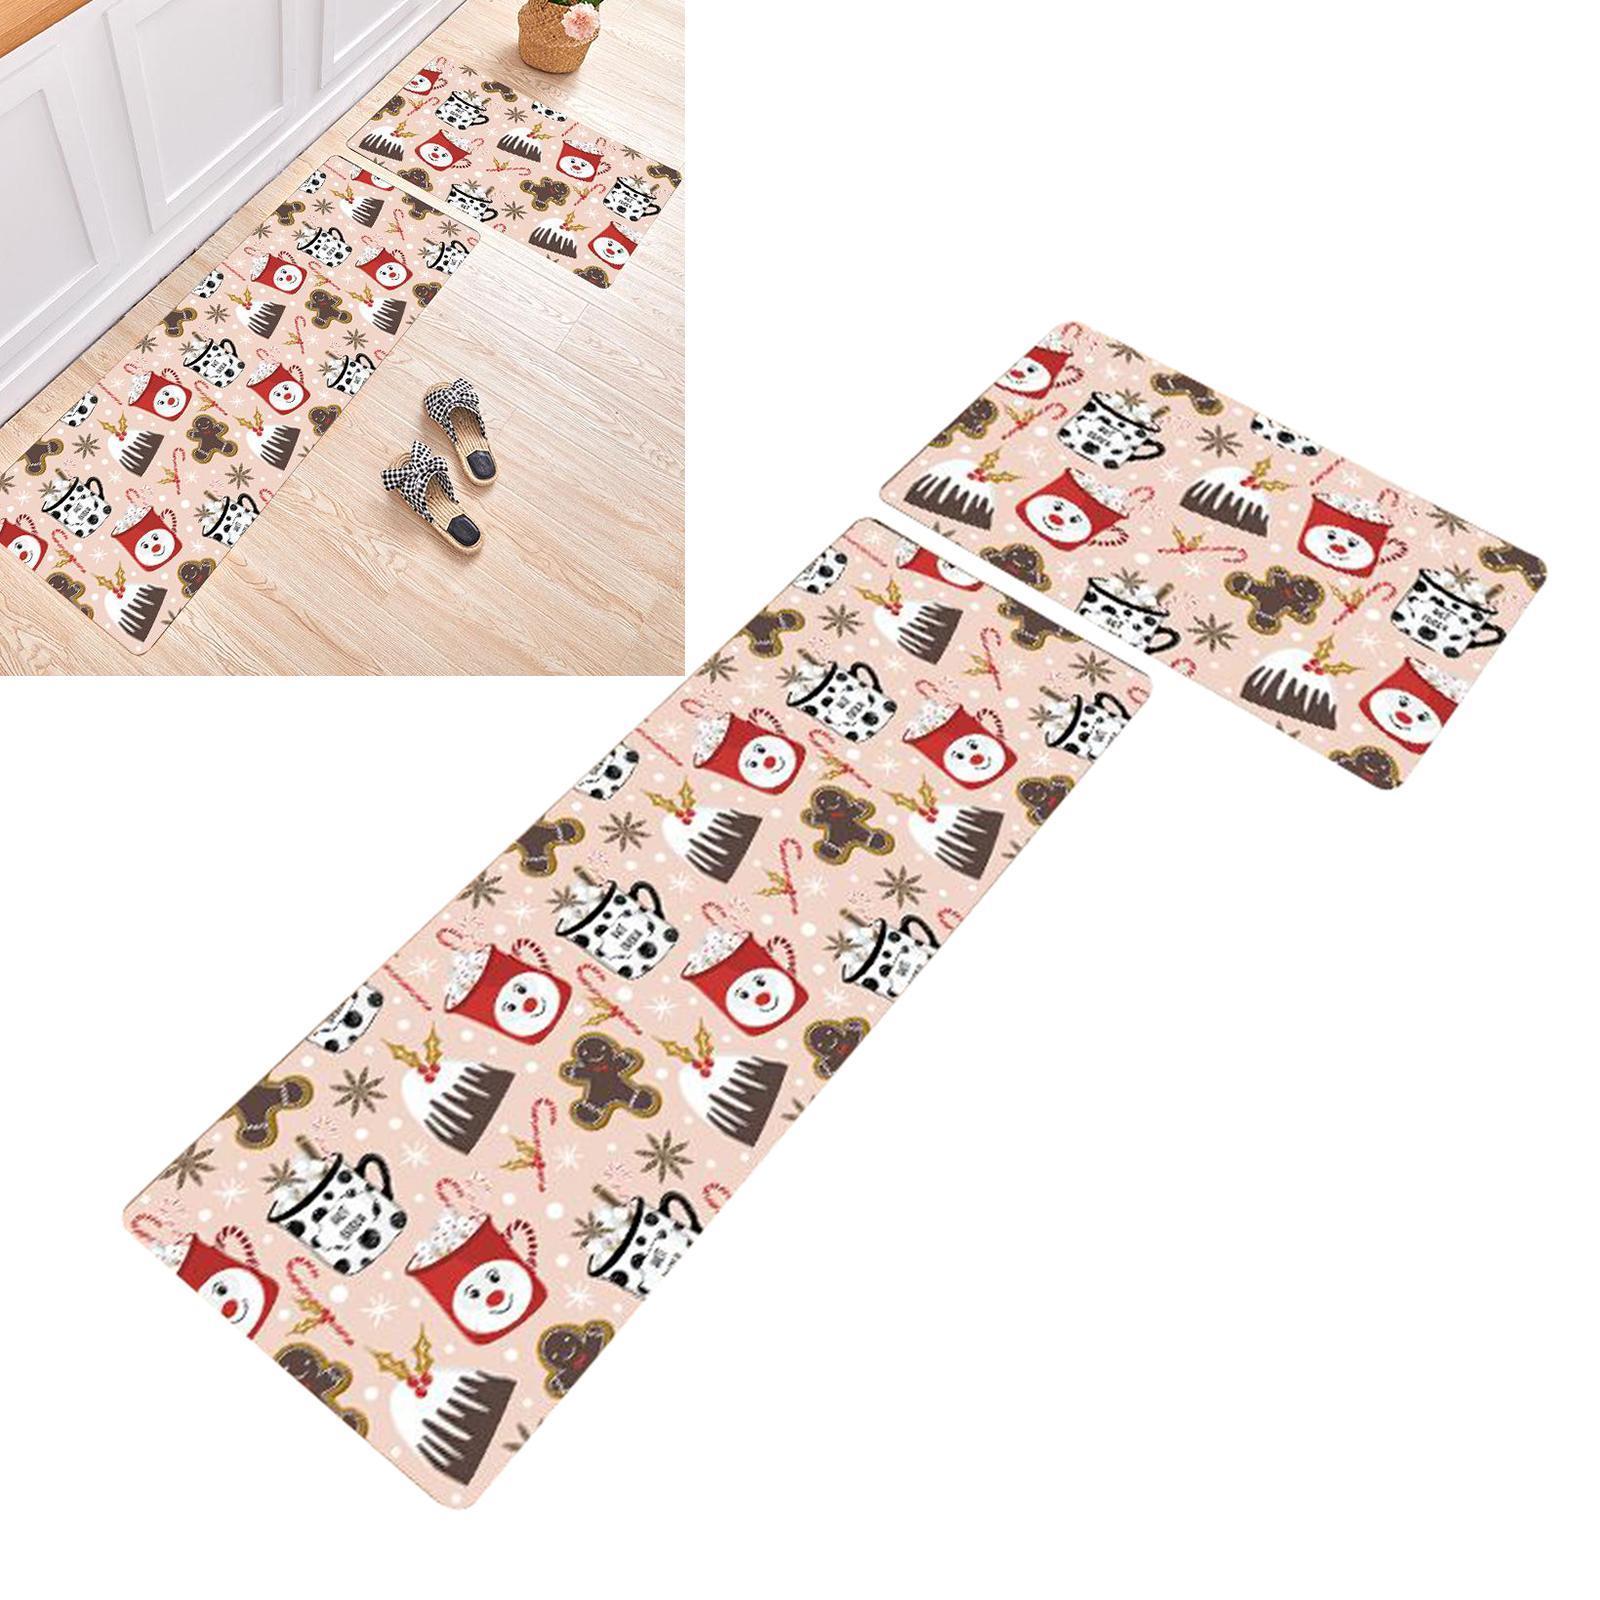 Zerbino-antiscivolo-tappeti-da-cucina-per-la-casa-ingresso-bagno-tappeto miniatura 10